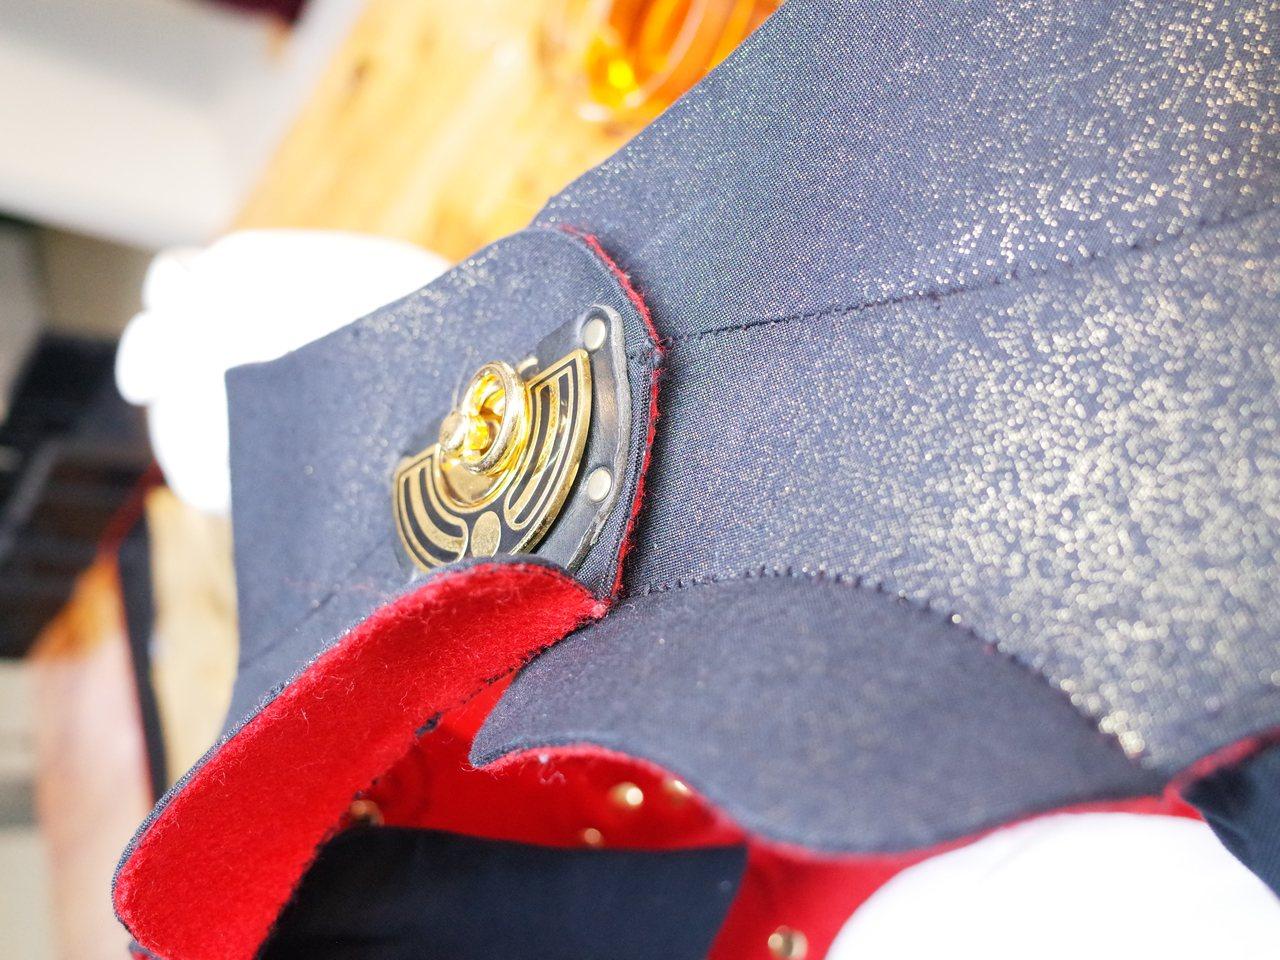 《鞍馬天狗》服裝上很有古意的扣子,其實是常用於皮包上的扣環。使用起來非常便利,樣...